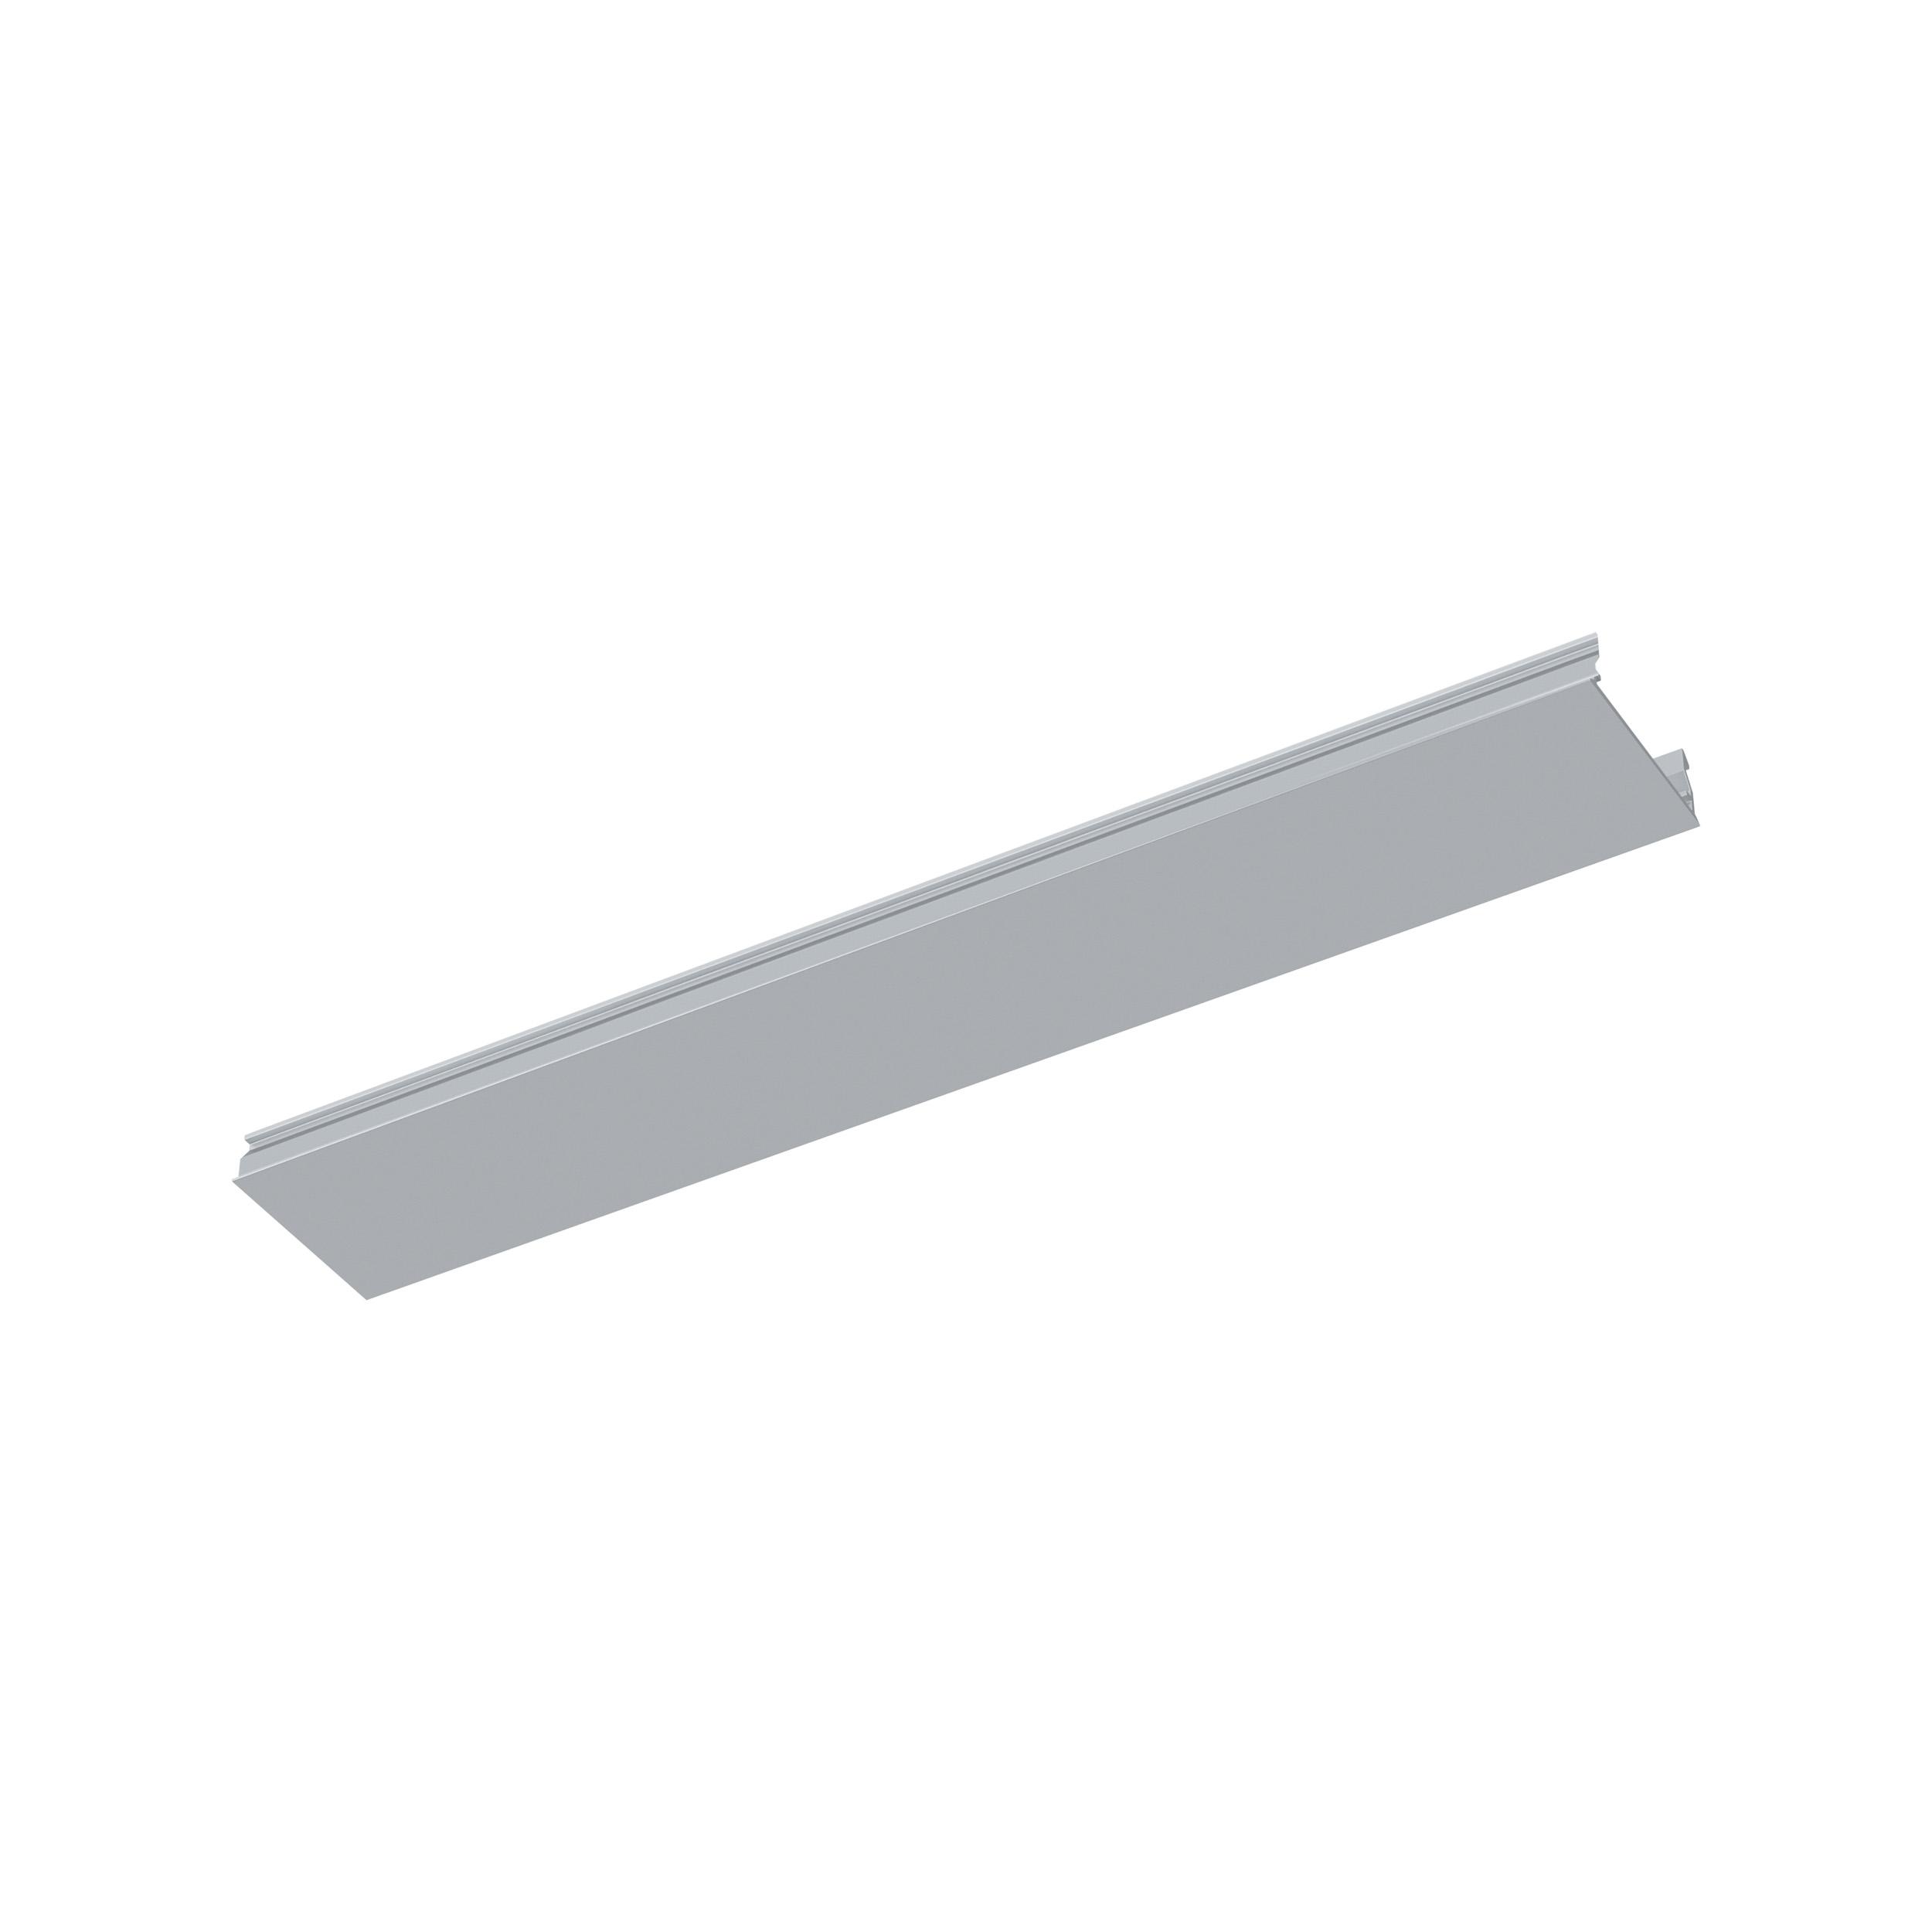 1 Stk Abdeckung Aluminium eloxiert, L-570mm LI65337---